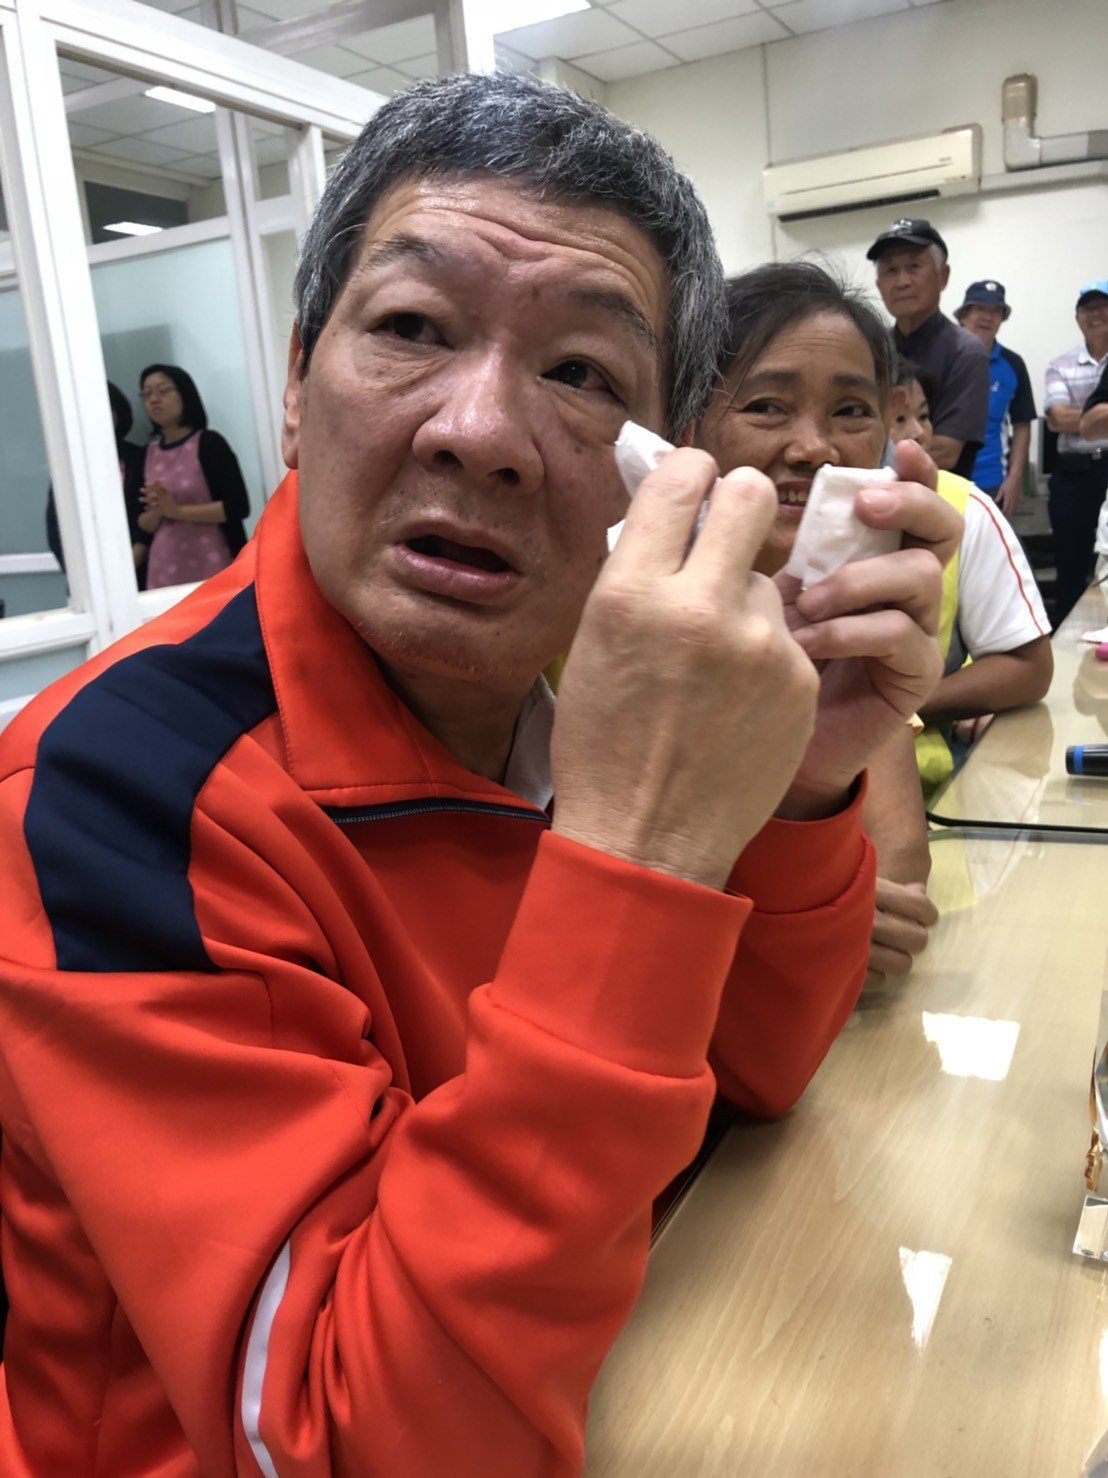 空手道國手王翌達日前參加印尼雅加達巨港亞運會空手道,在個人型項目奪銀,嘉義市長涂...